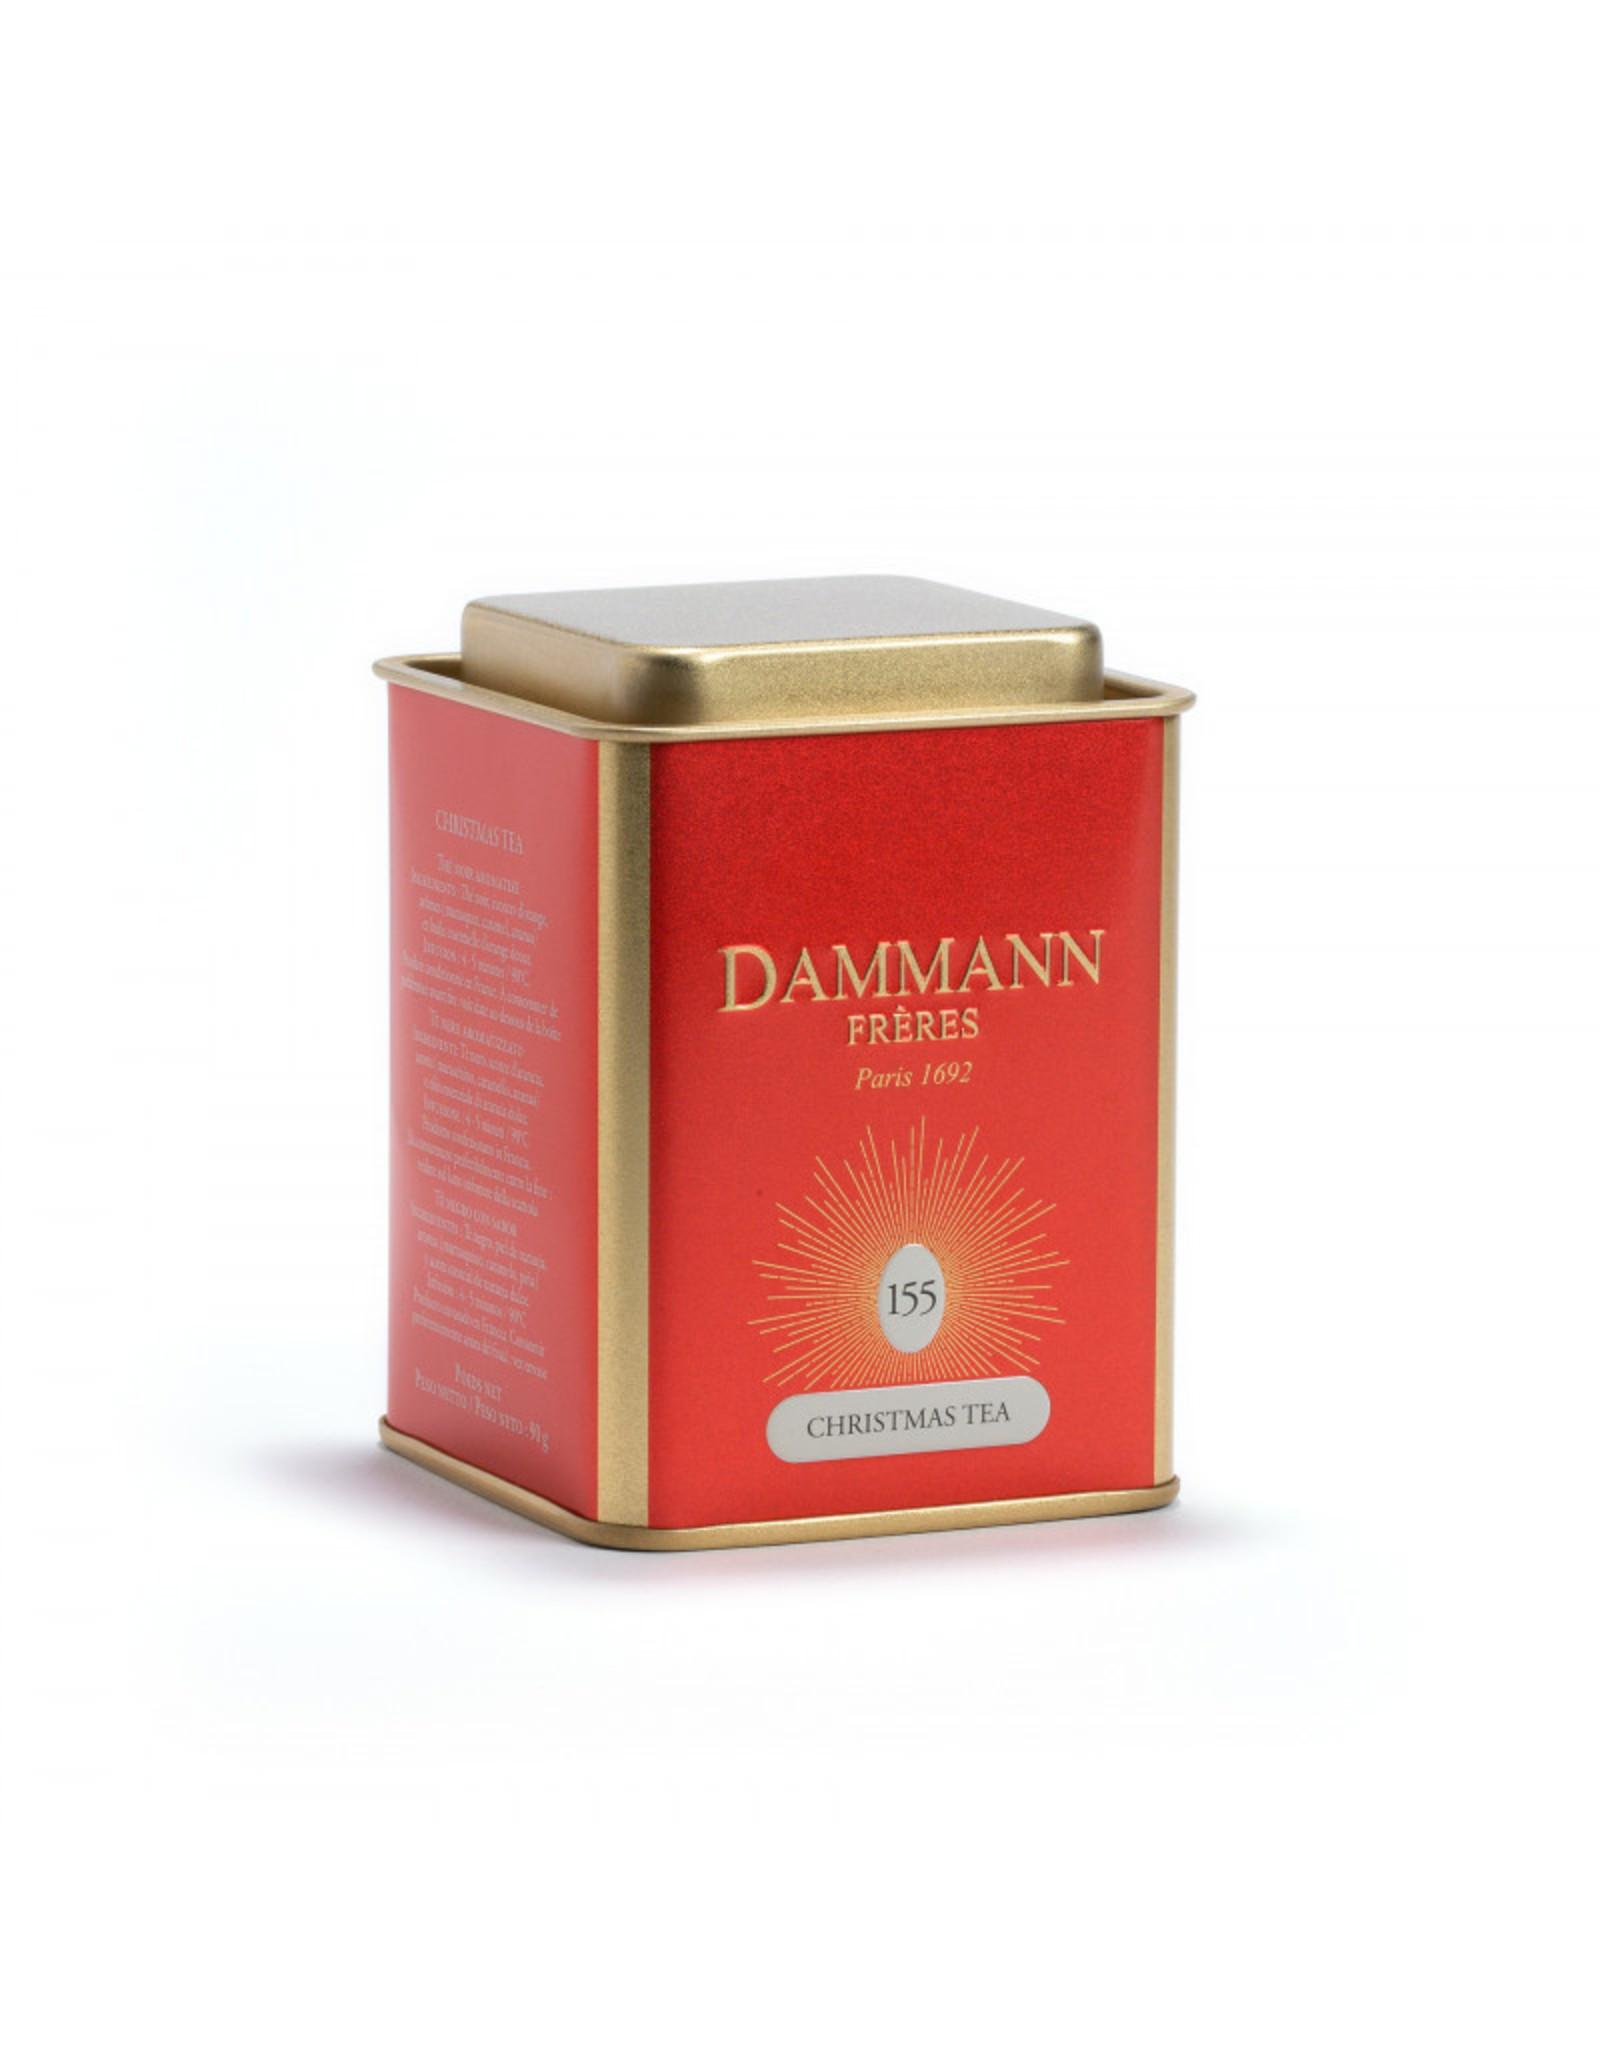 Dammann CHRISTMAS TEA BOX